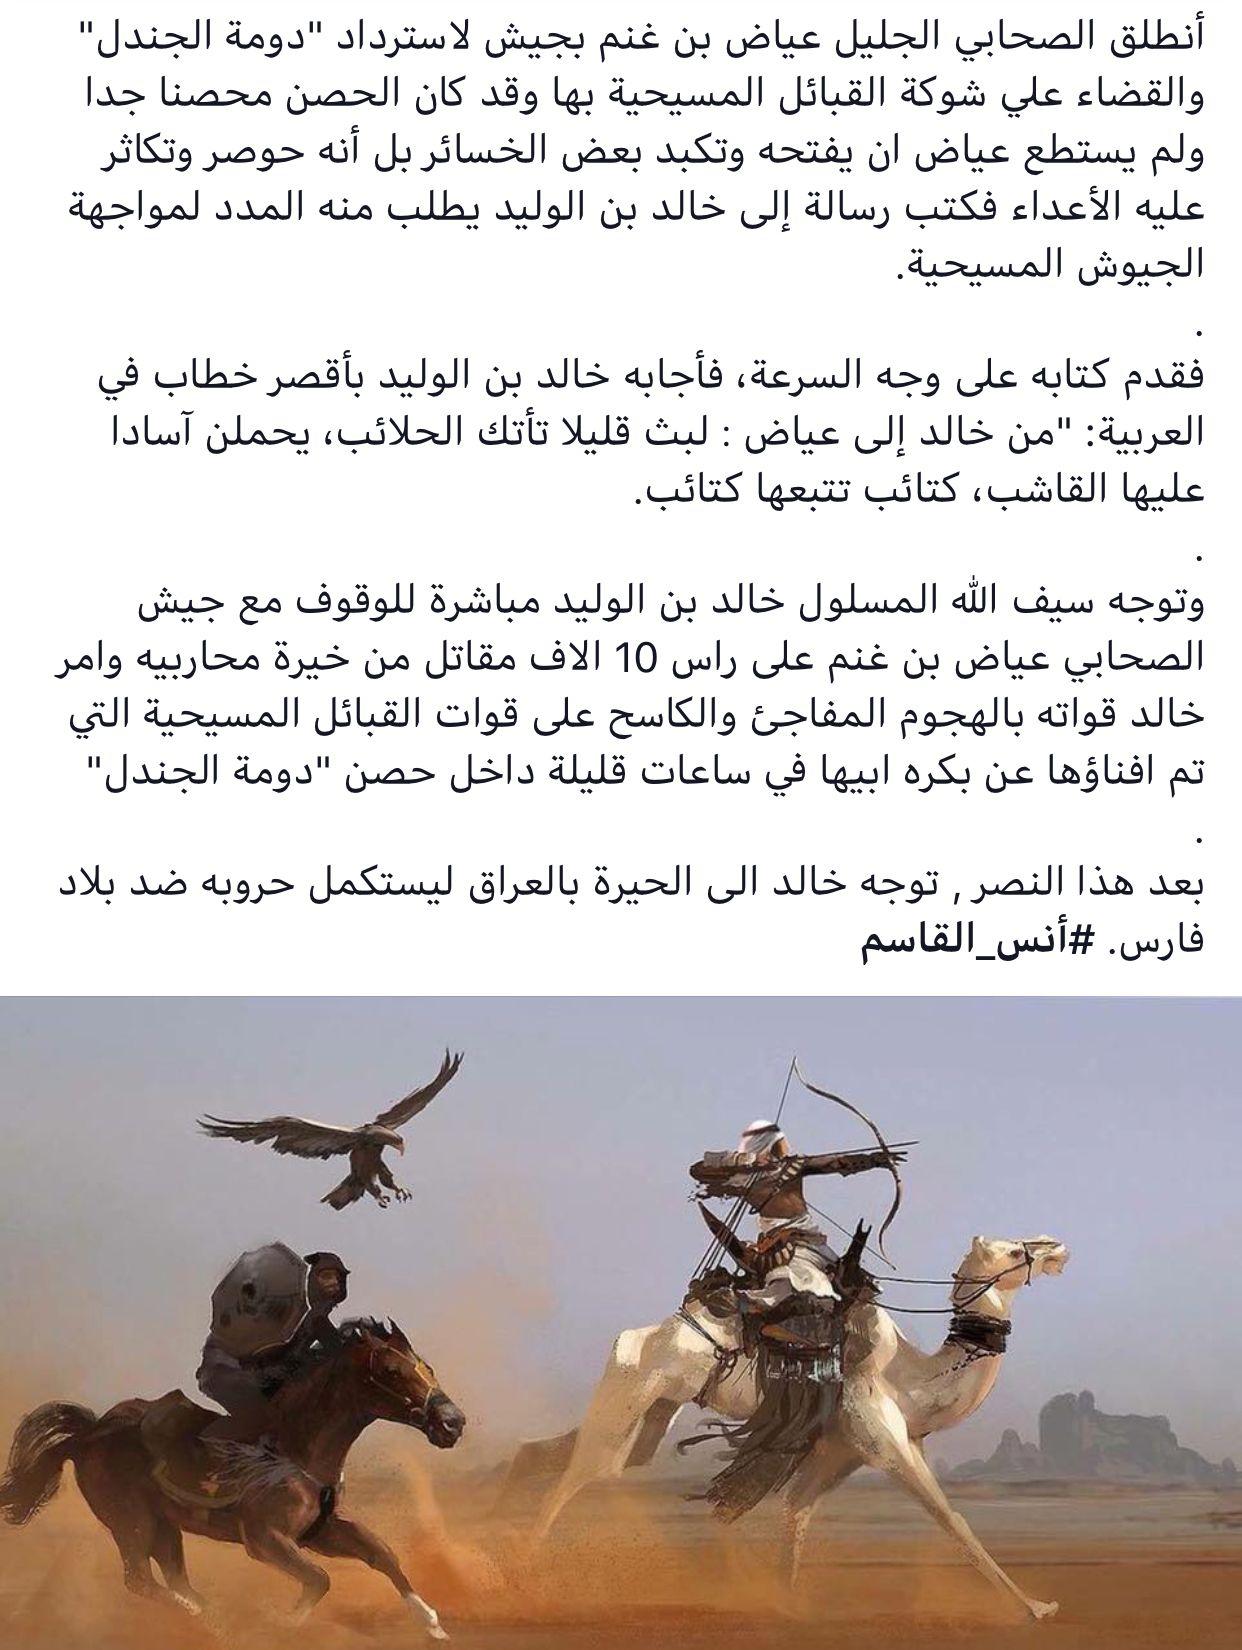 قصة الصحابي الجليل عياض بن غنم بدومة الجندل Pics Awa Movie Posters